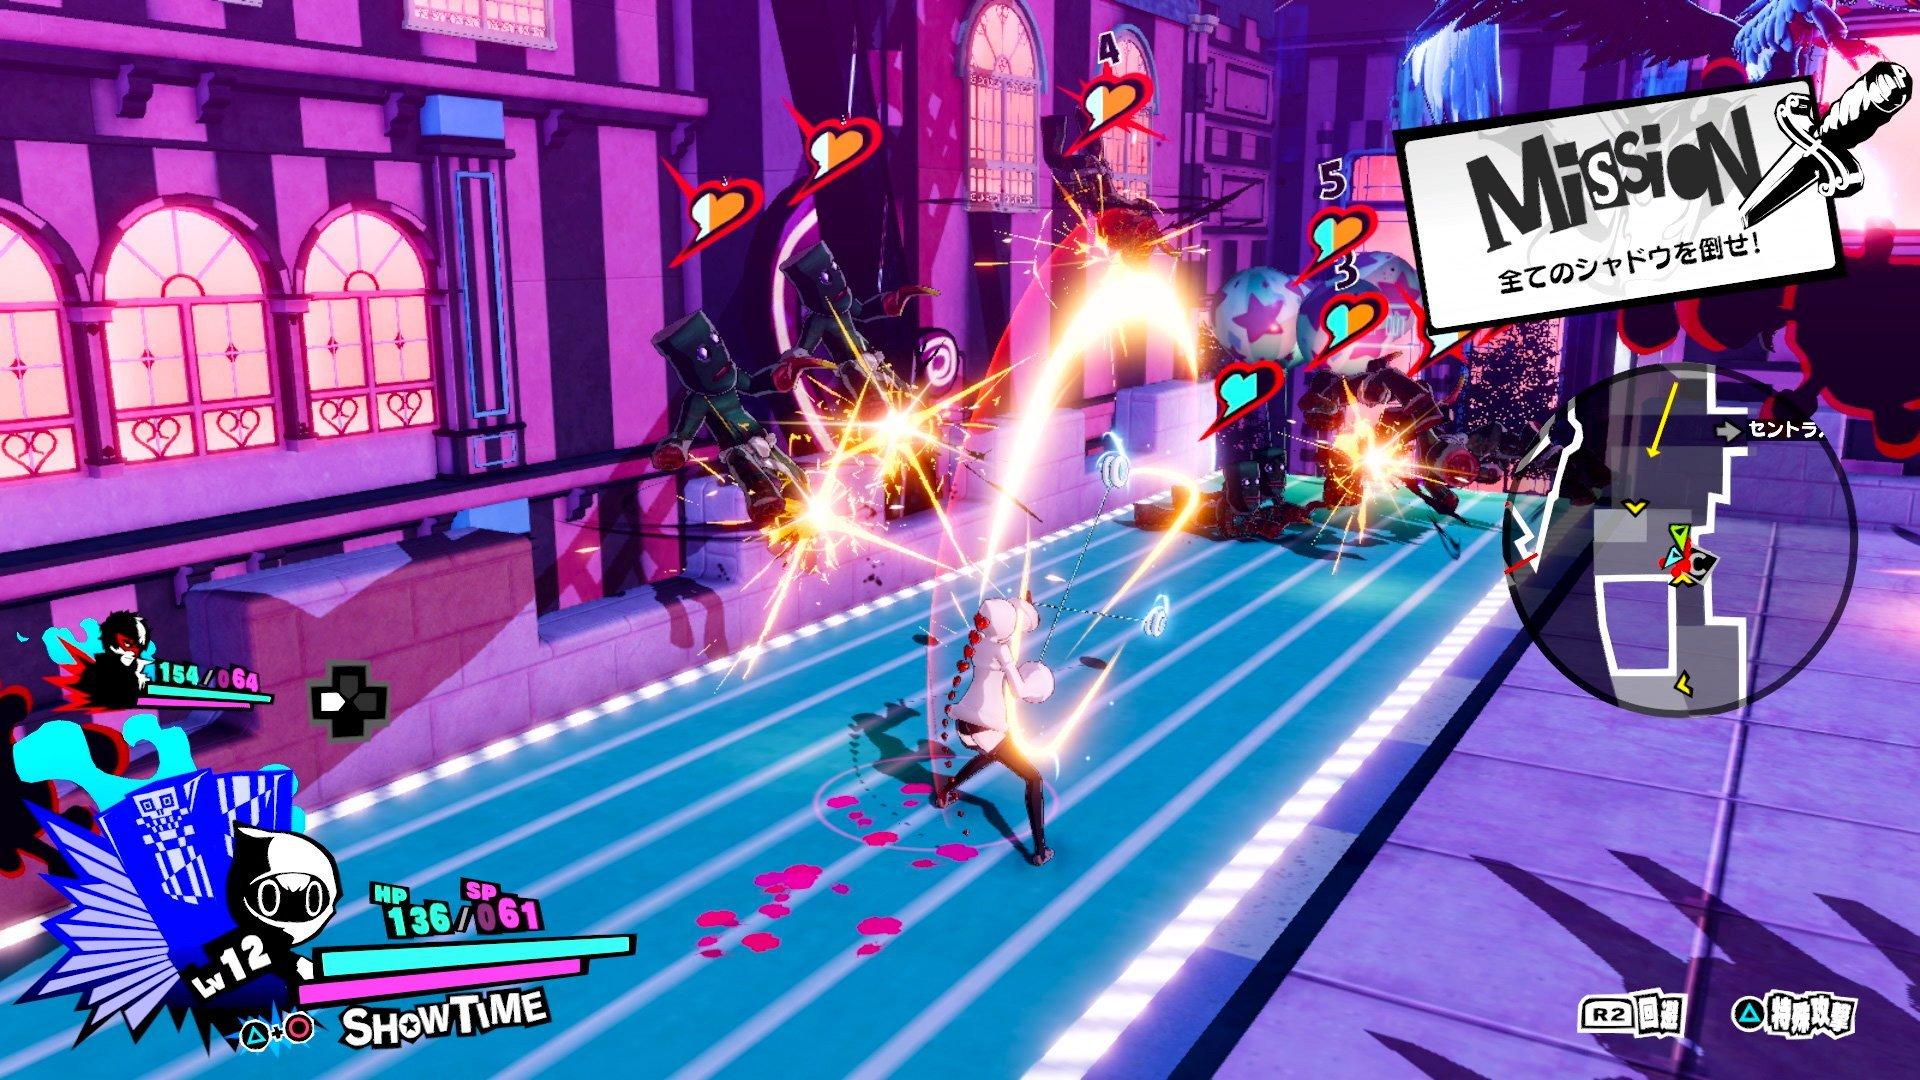 Persona 5 Scramble ganha novas imagens com gameplay diferente 9